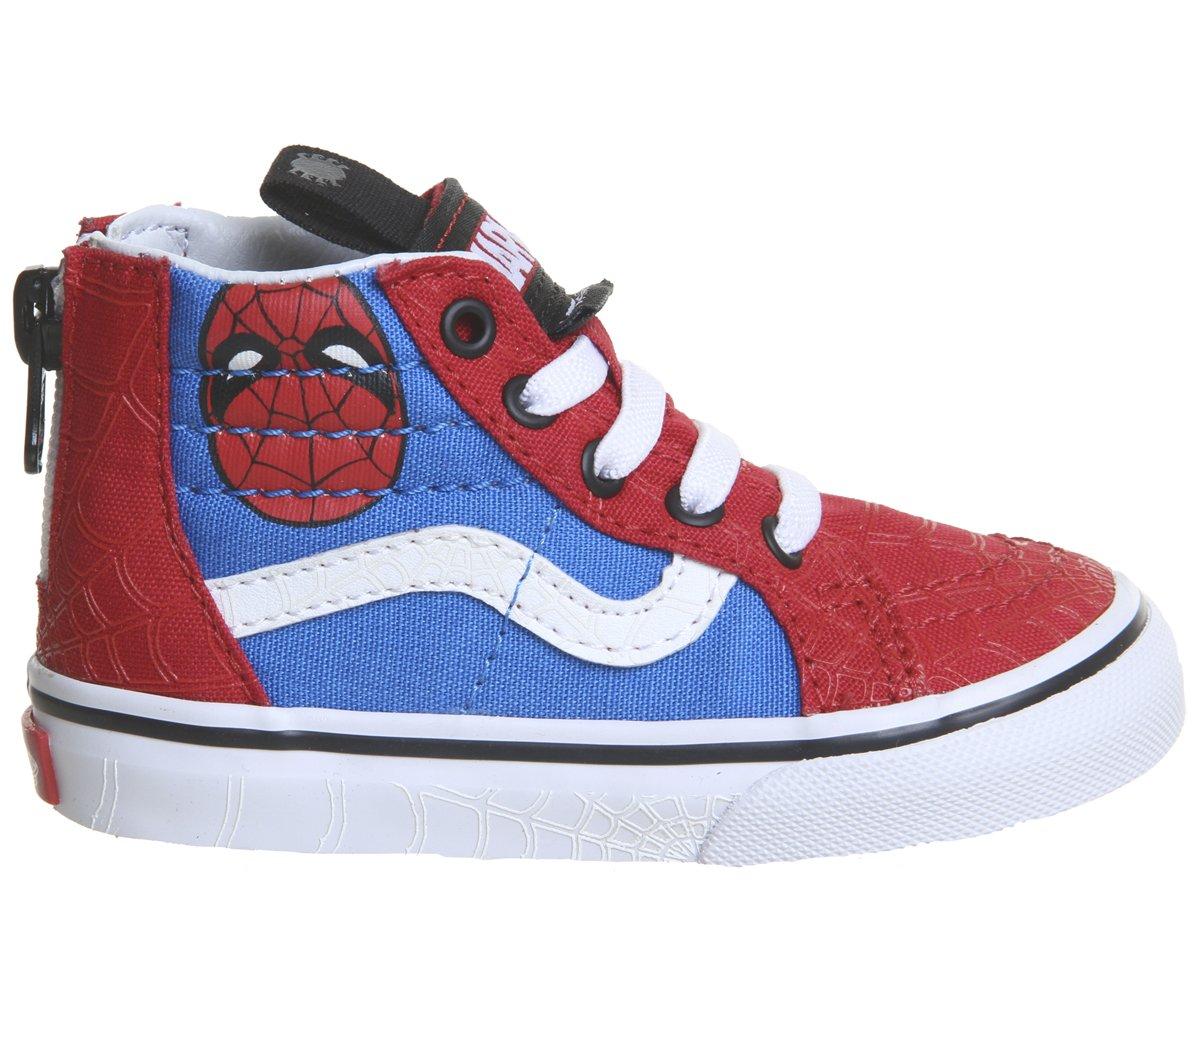 【送料無料/新品】 【VANS】バンズ White 2018春夏 KID'S SK8-HI ZIP キッズ ジュニア 子供用 US ZIP シューズ 靴 スニーカー B07864GSQL 12 M US Little Kid|Spiderman True White Spiderman True White 12 M US Little Kid, PEEWEE BABY:2d460155 --- a0267596.xsph.ru